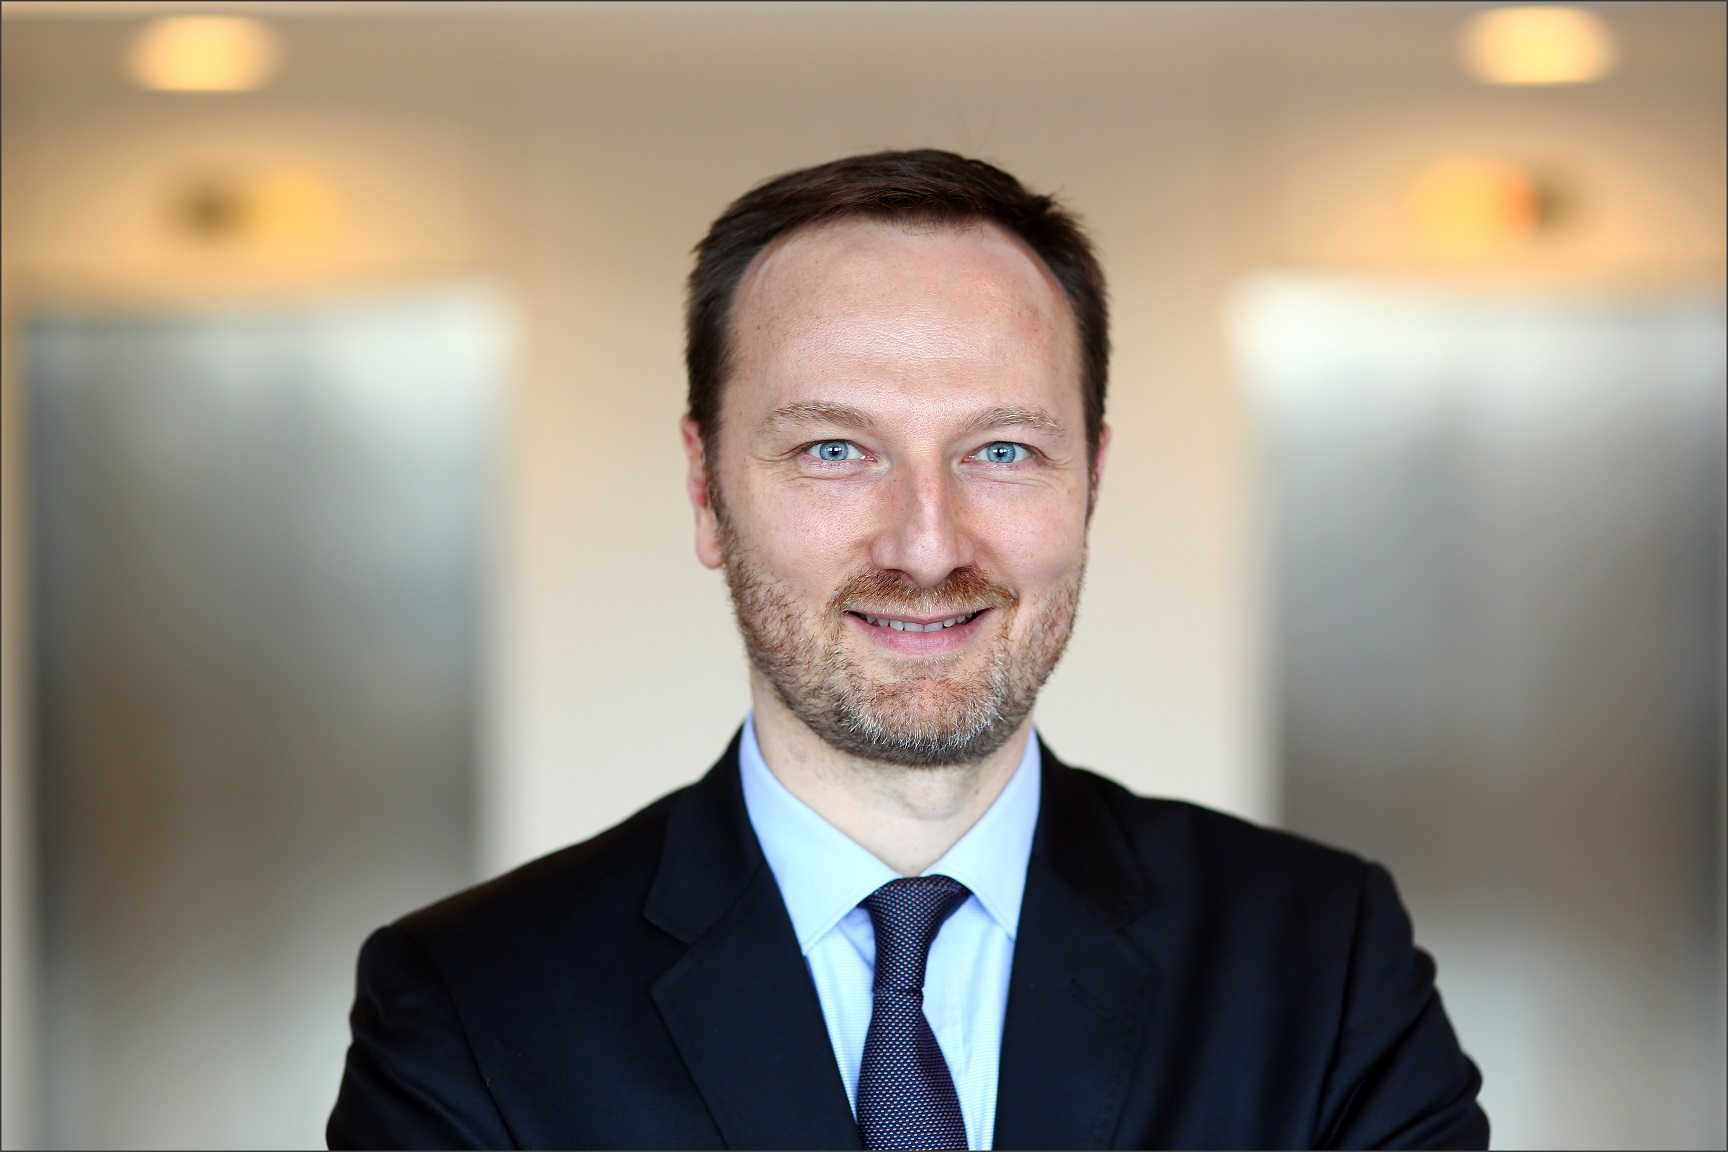 Entretien voyageur: Xavier Amouroux, responsable de la communication institutionnelle externe à Crédit Agricole S.A.